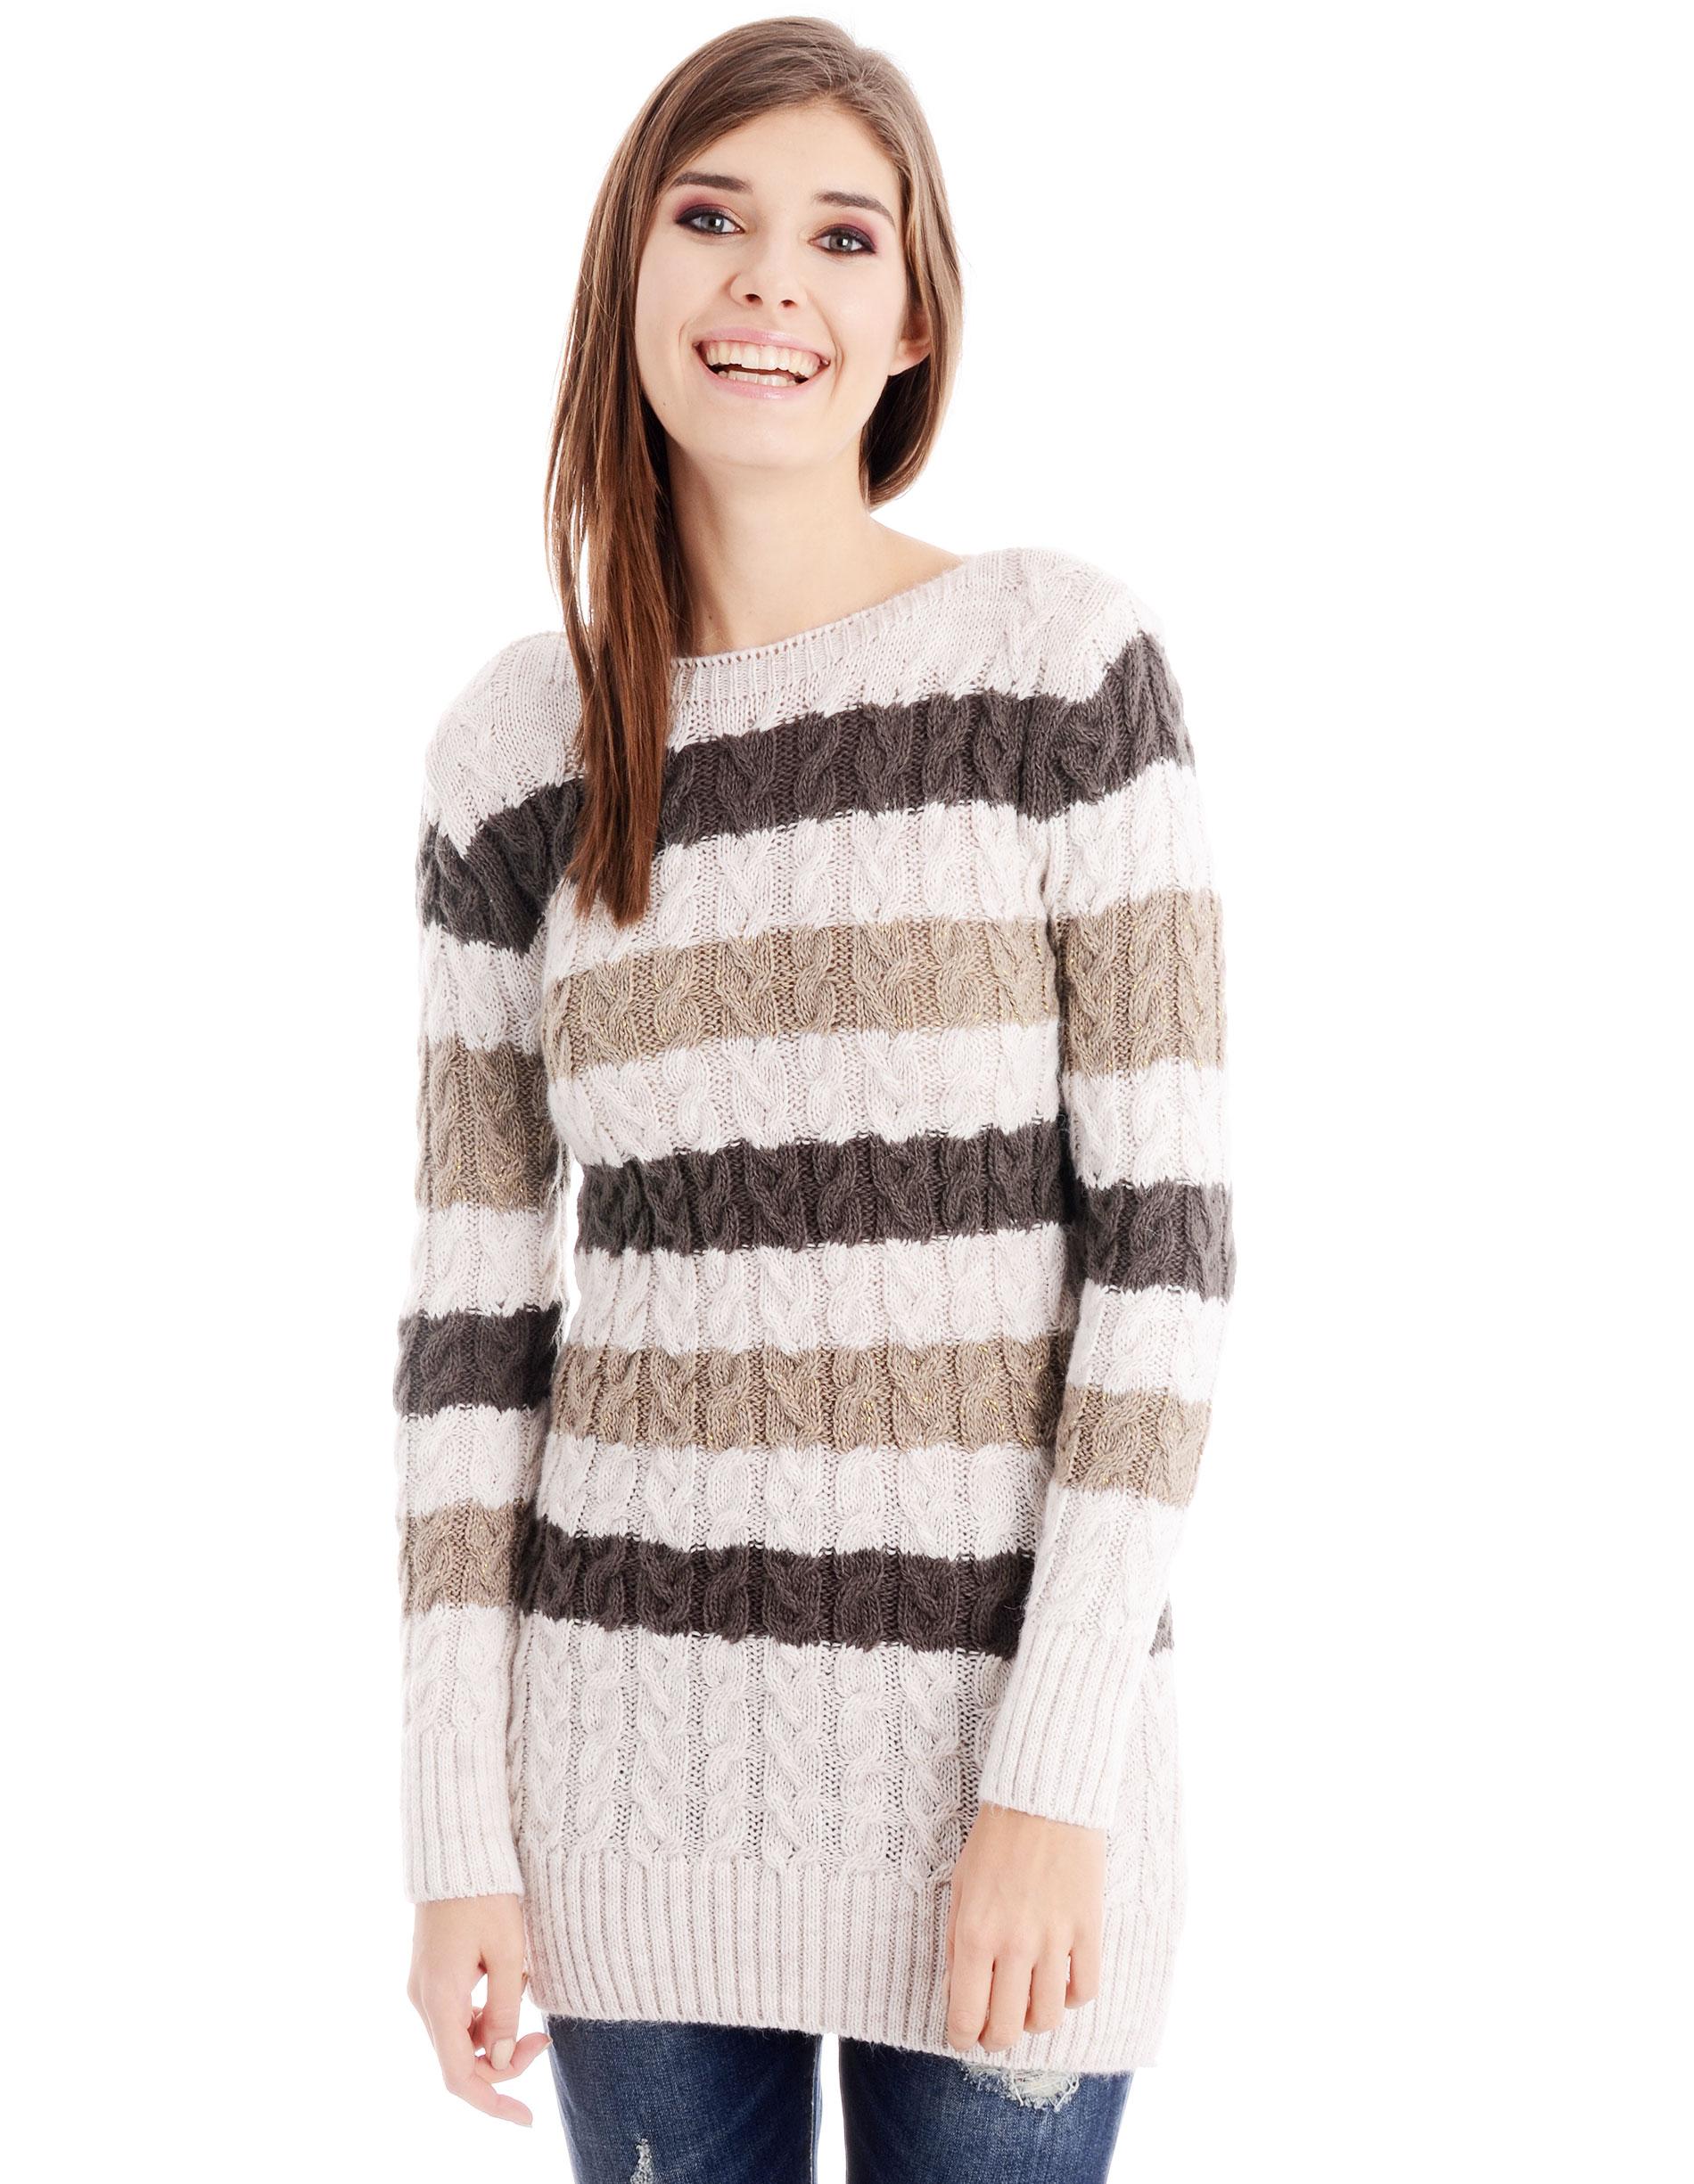 Sweter - 29-16601 BEIG - Unisono